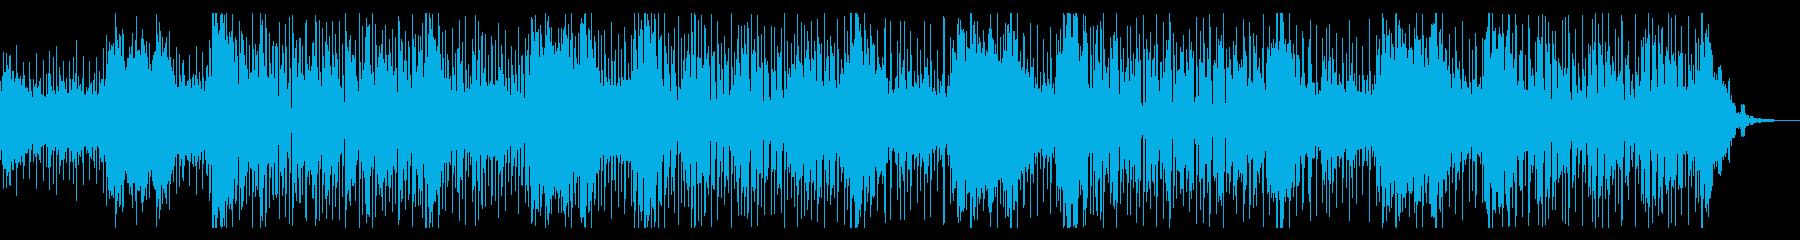 エスニックな雰囲気のアンビエントの再生済みの波形